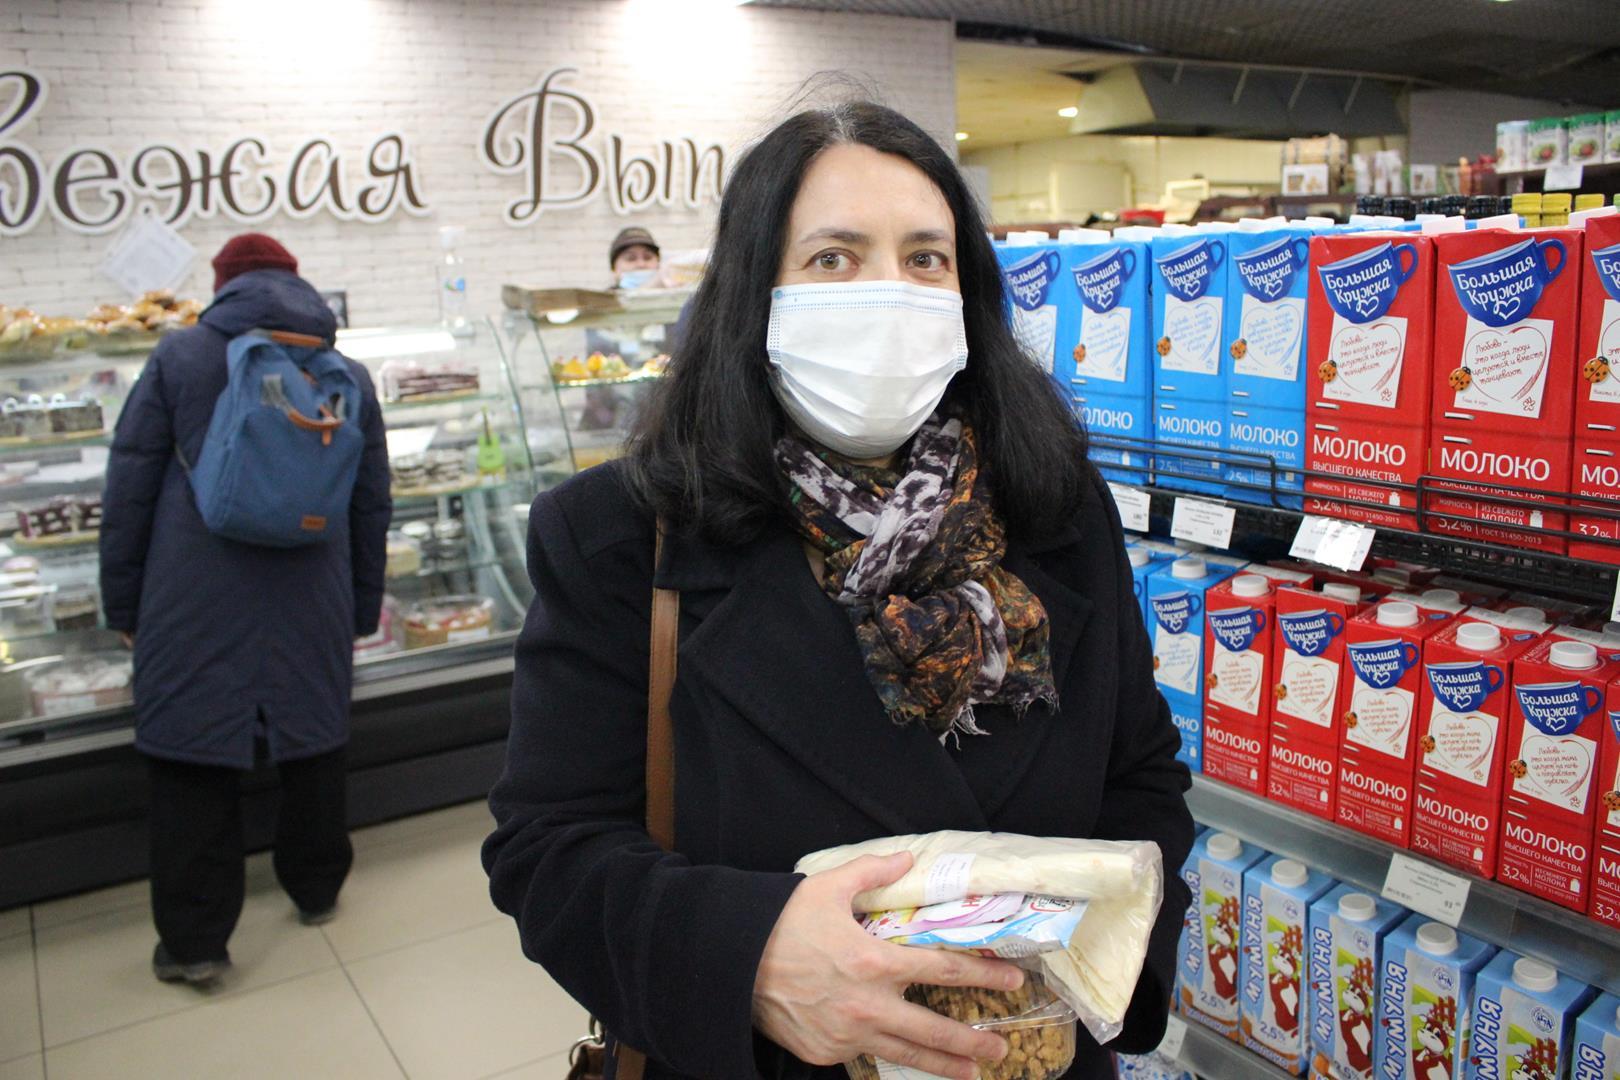 Но сознательные посетители ходят в масках. Как говорит Фатима, она носит маску, так как сама не болела и дома ожидает пожилая мать